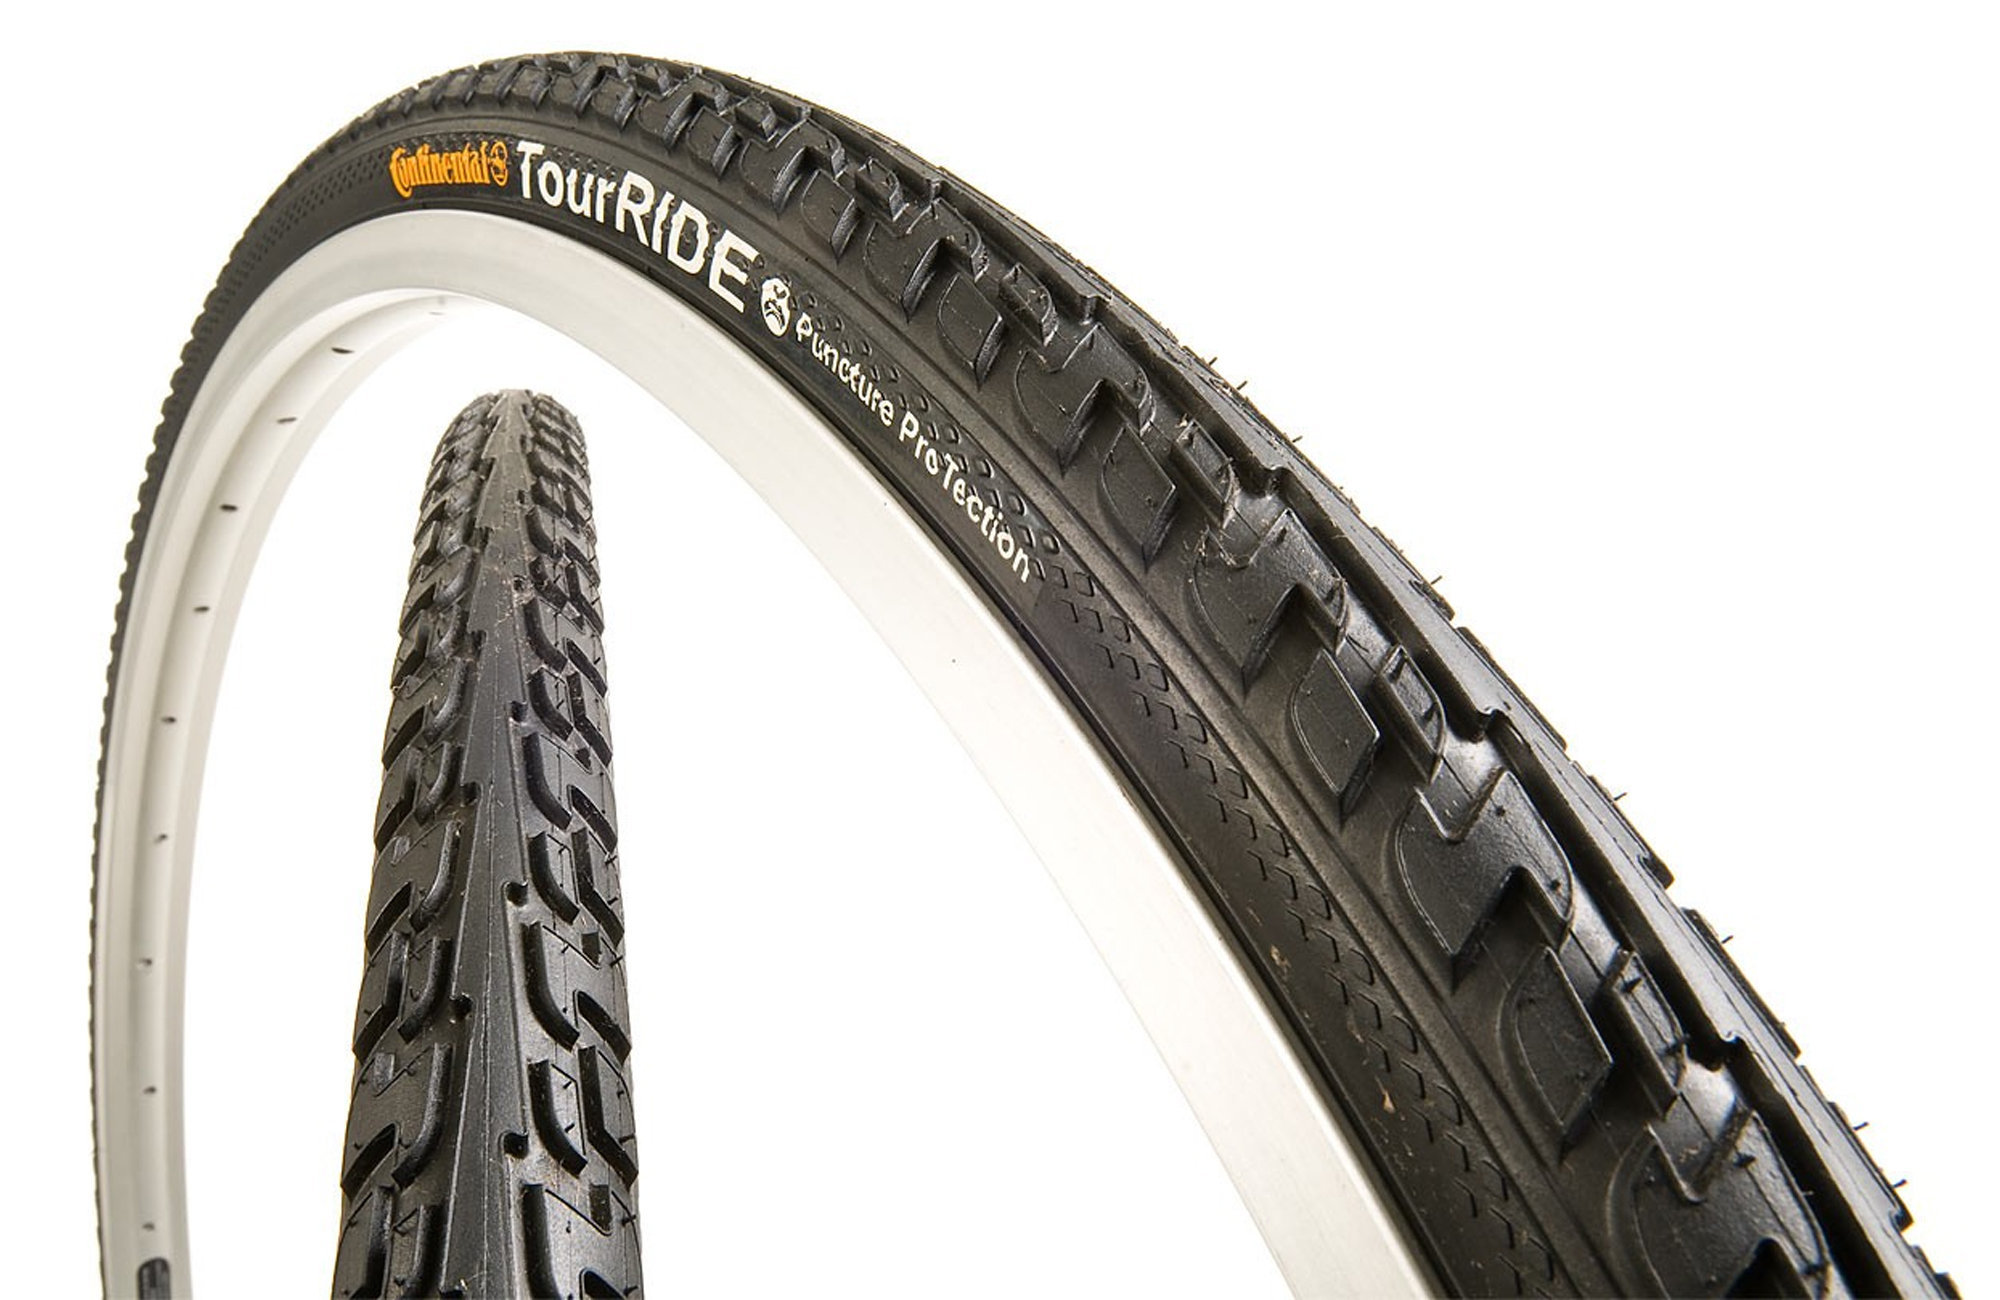 Купить Покрышка Continental TourRide 28x1.6ʺ в интернет магазине. Цены, фото, описания, характеристики, отзывы, обзоры